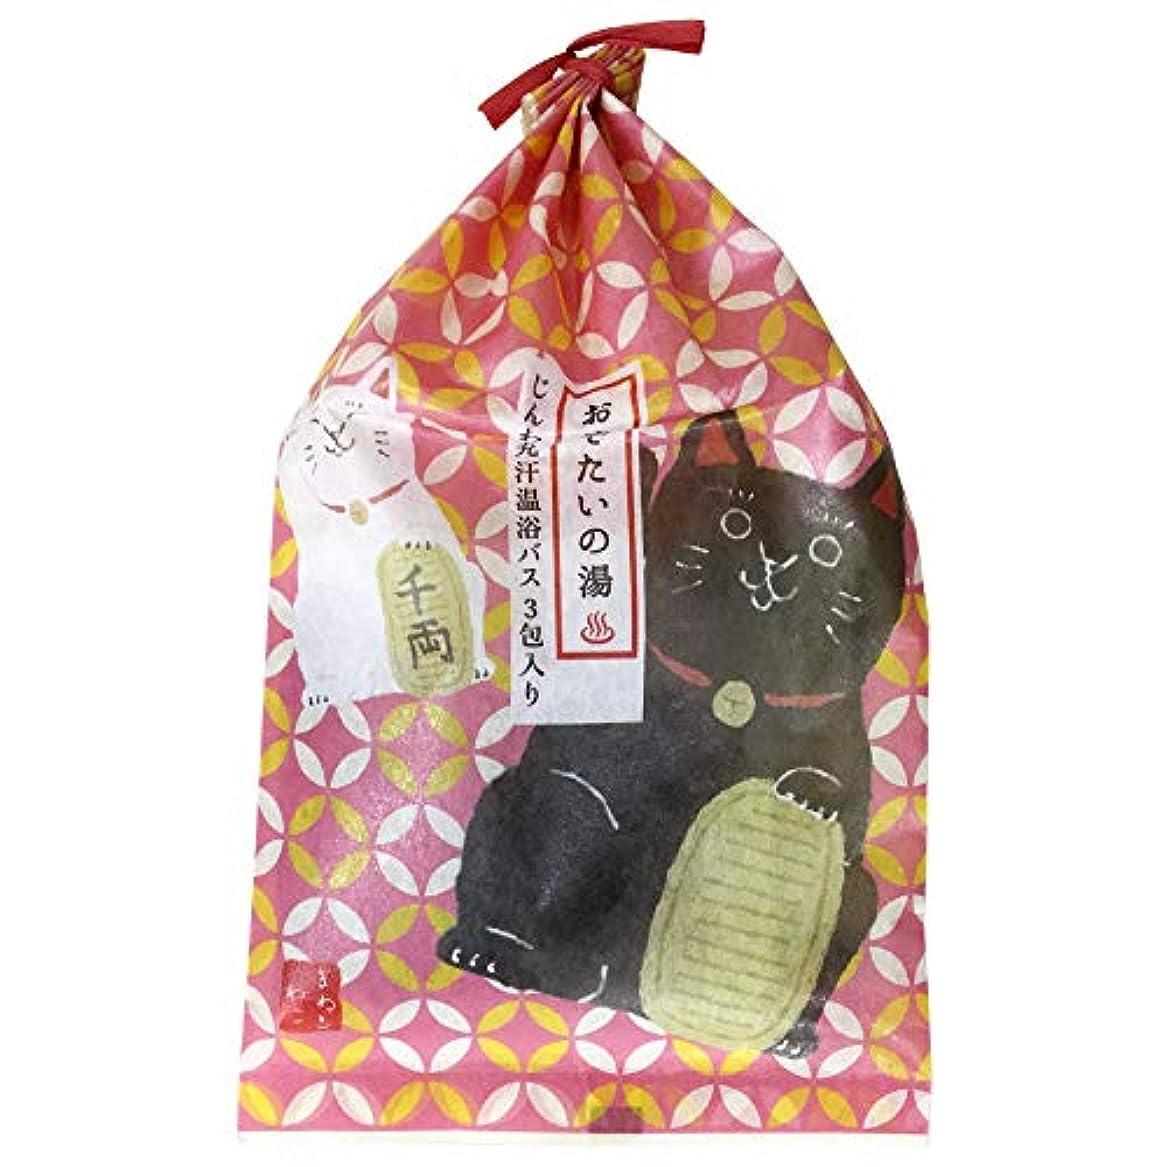 胚芽六分儀全体【招き猫(60789)】 チャーリー おめでたいの湯 バスバッグ3包入り 日本製